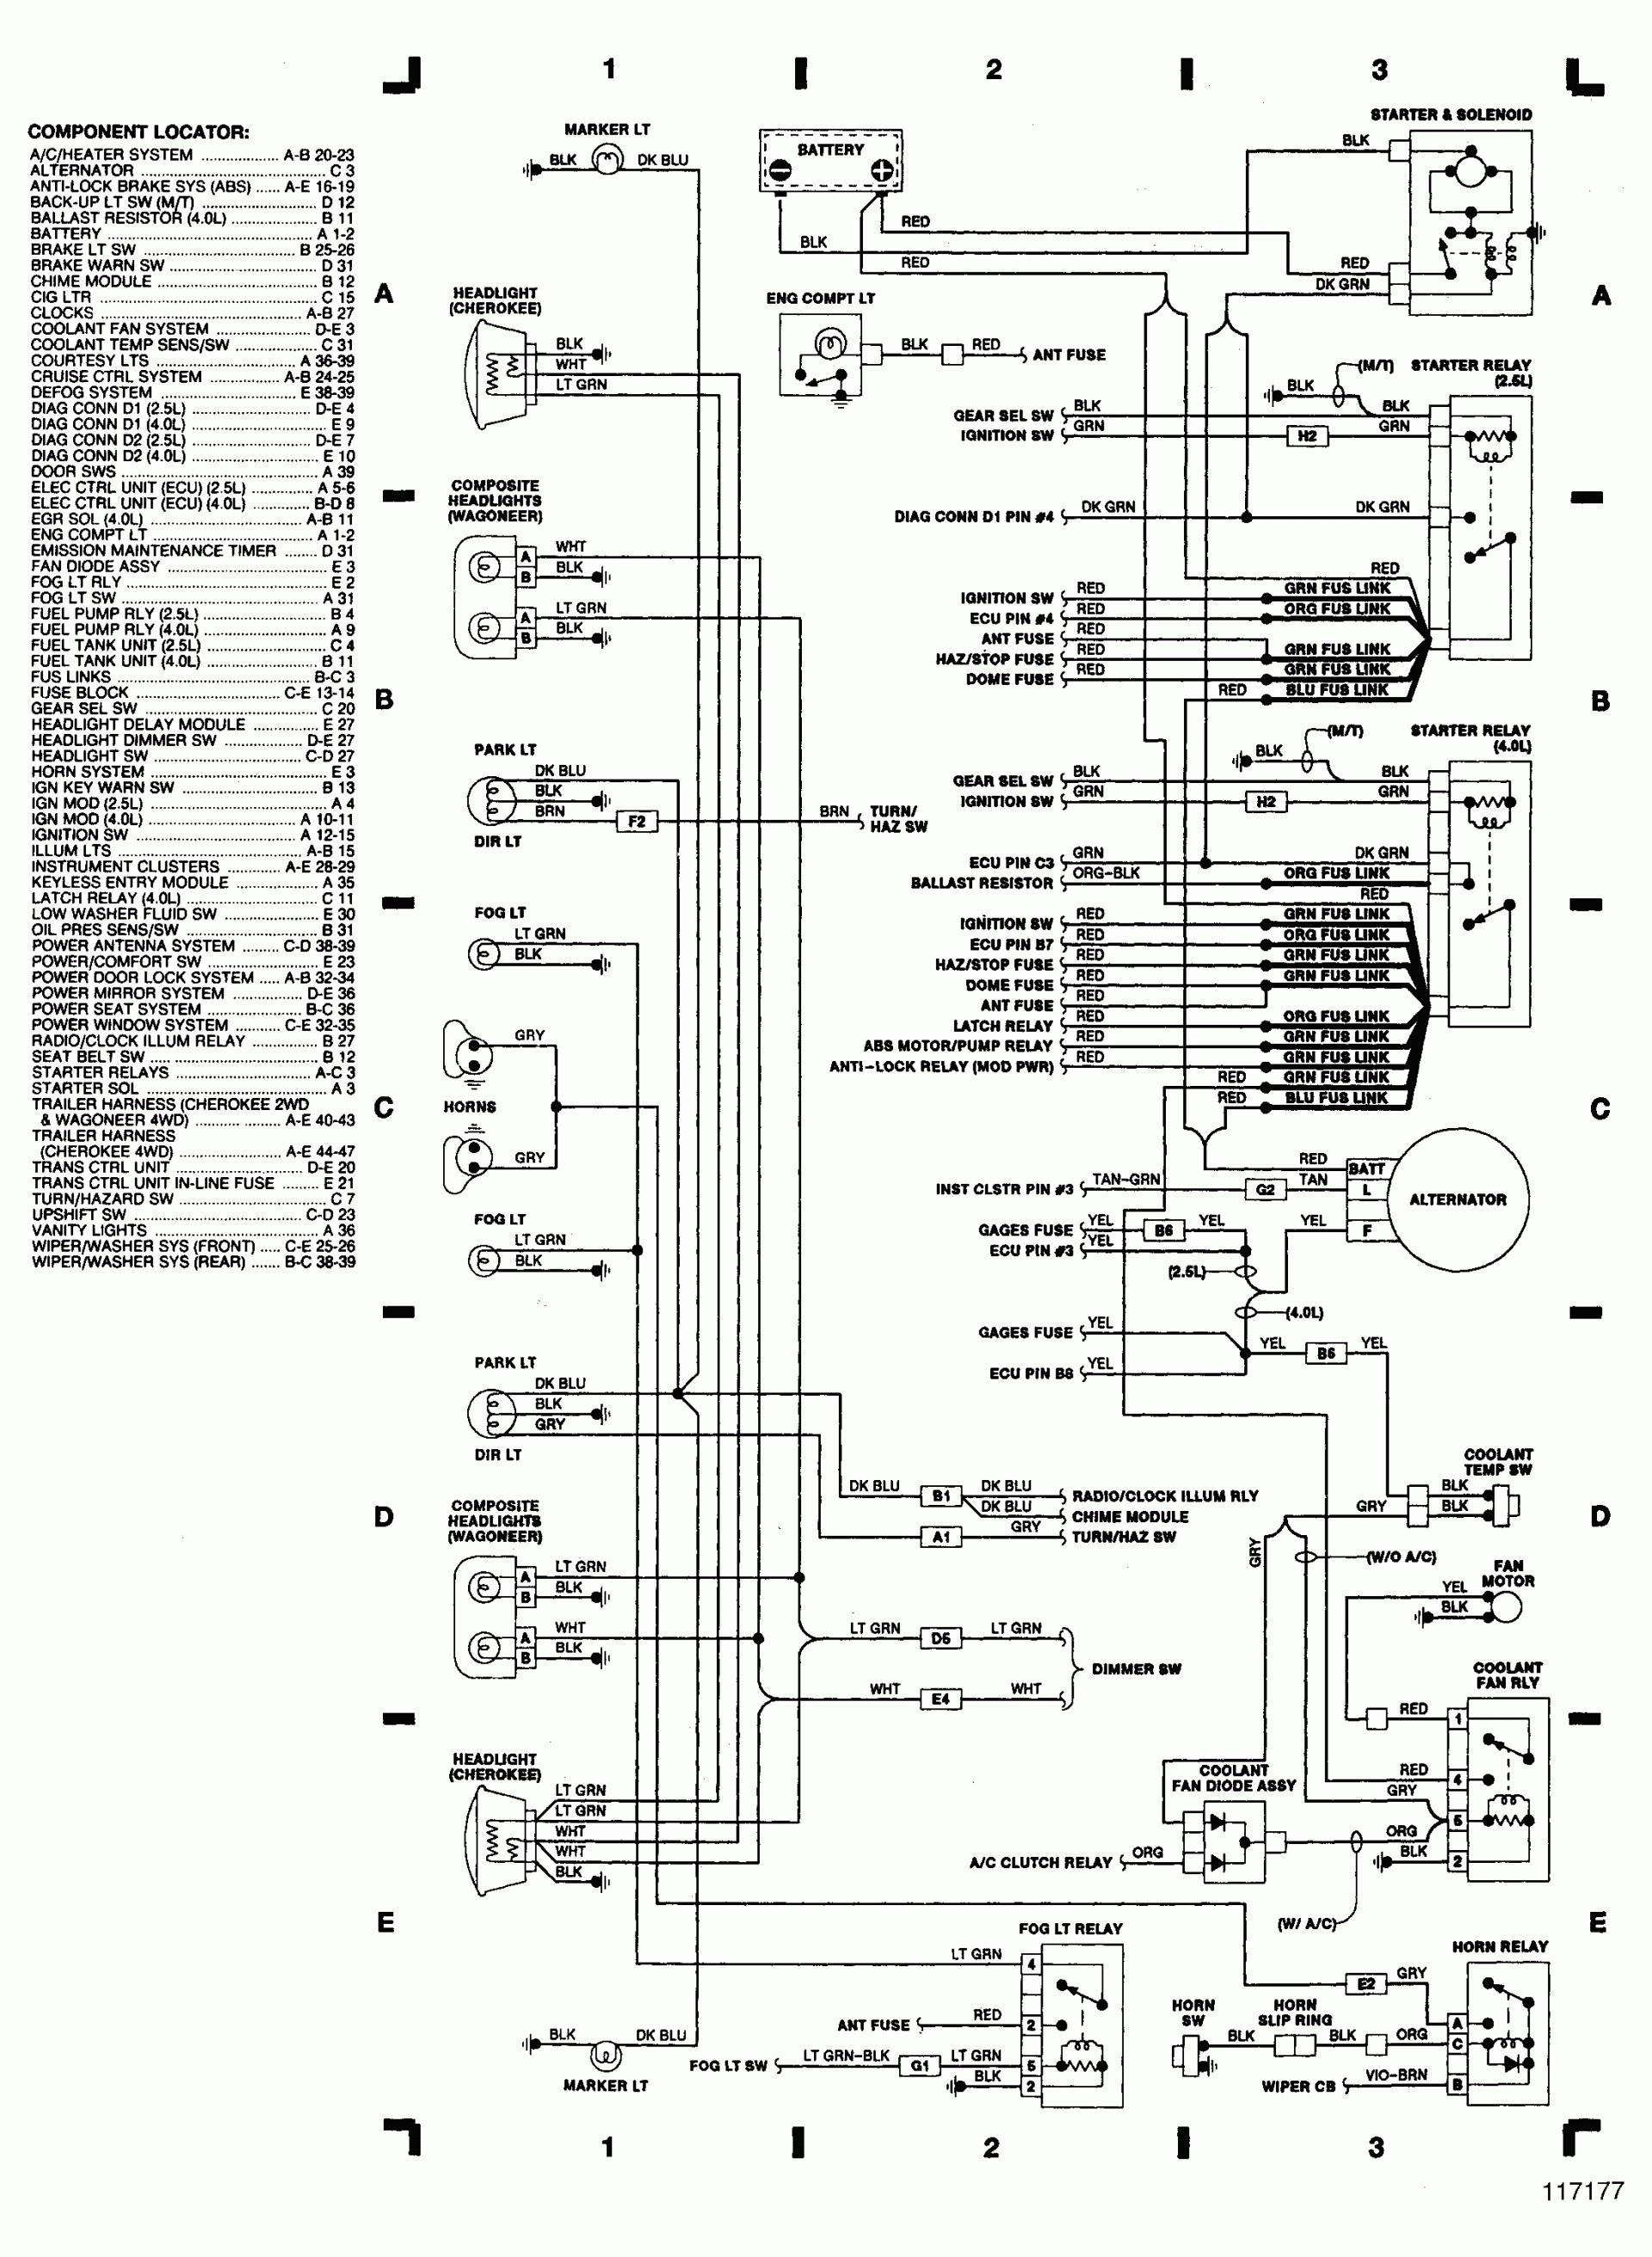 Schematics On A 345 John Deere 55c0 John Deere Stereo Wiring Diagram Of Schematics On A 345 John Deere